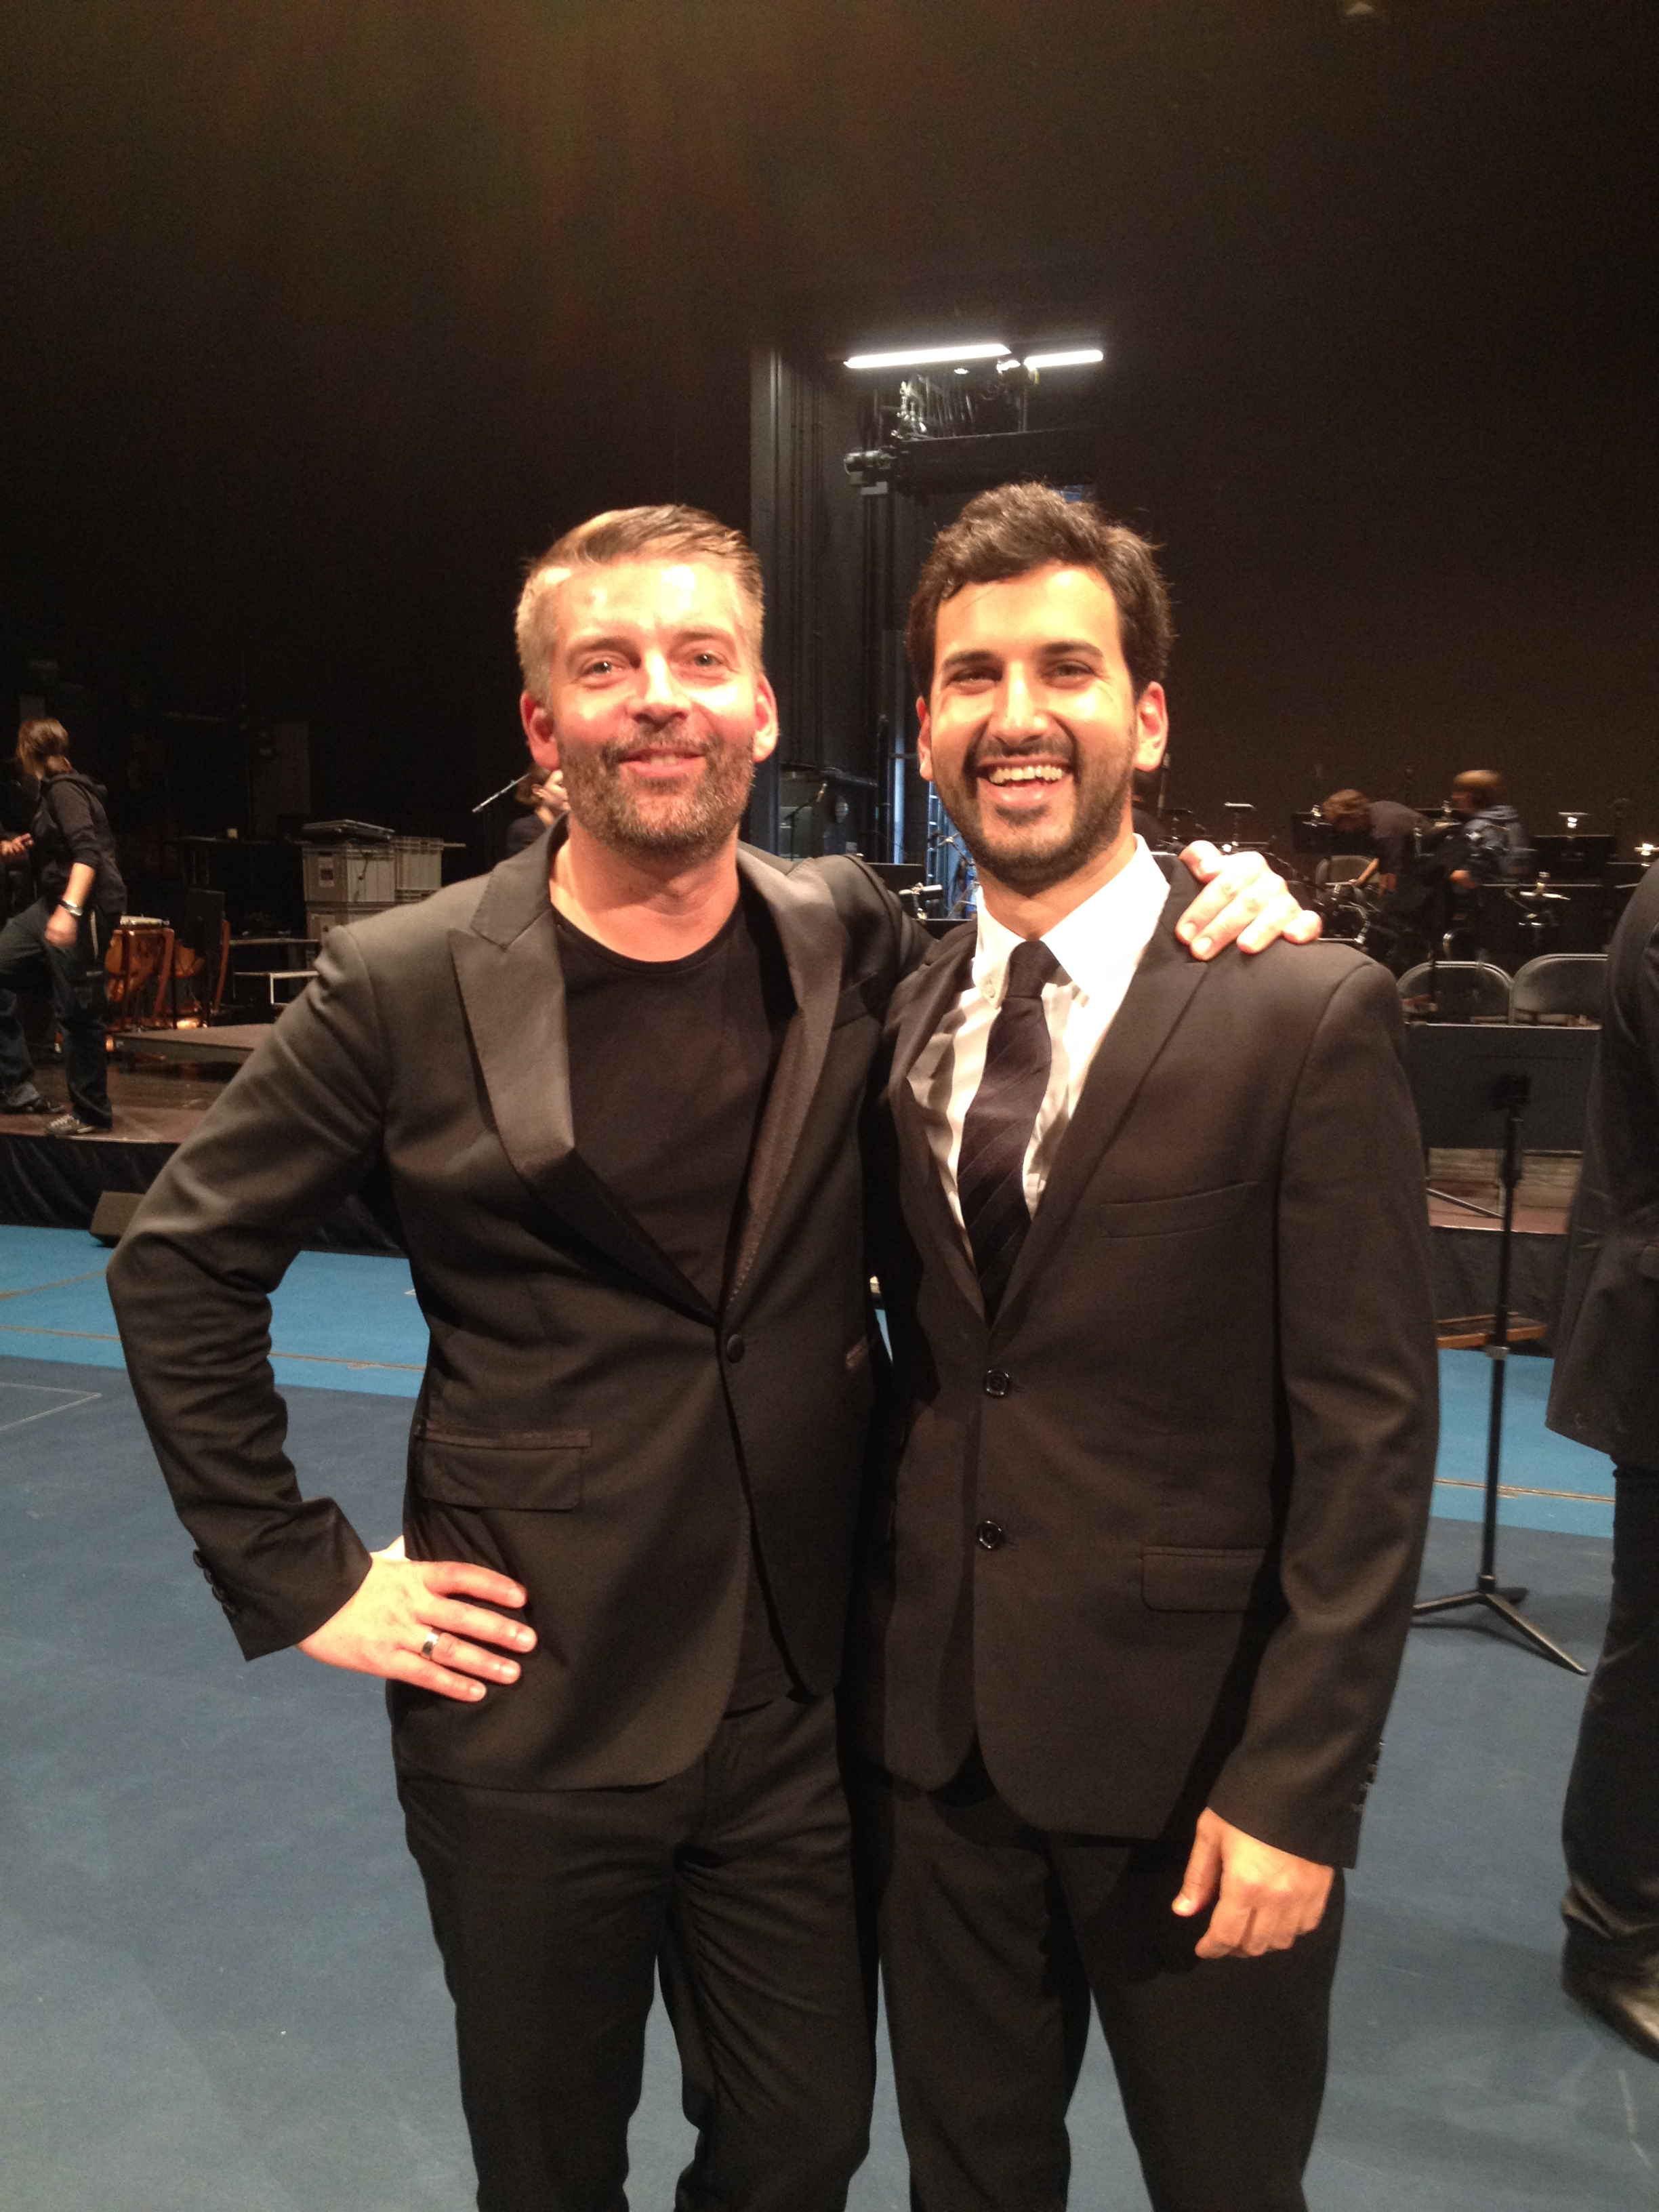 With Maestro Matthias Pintscher